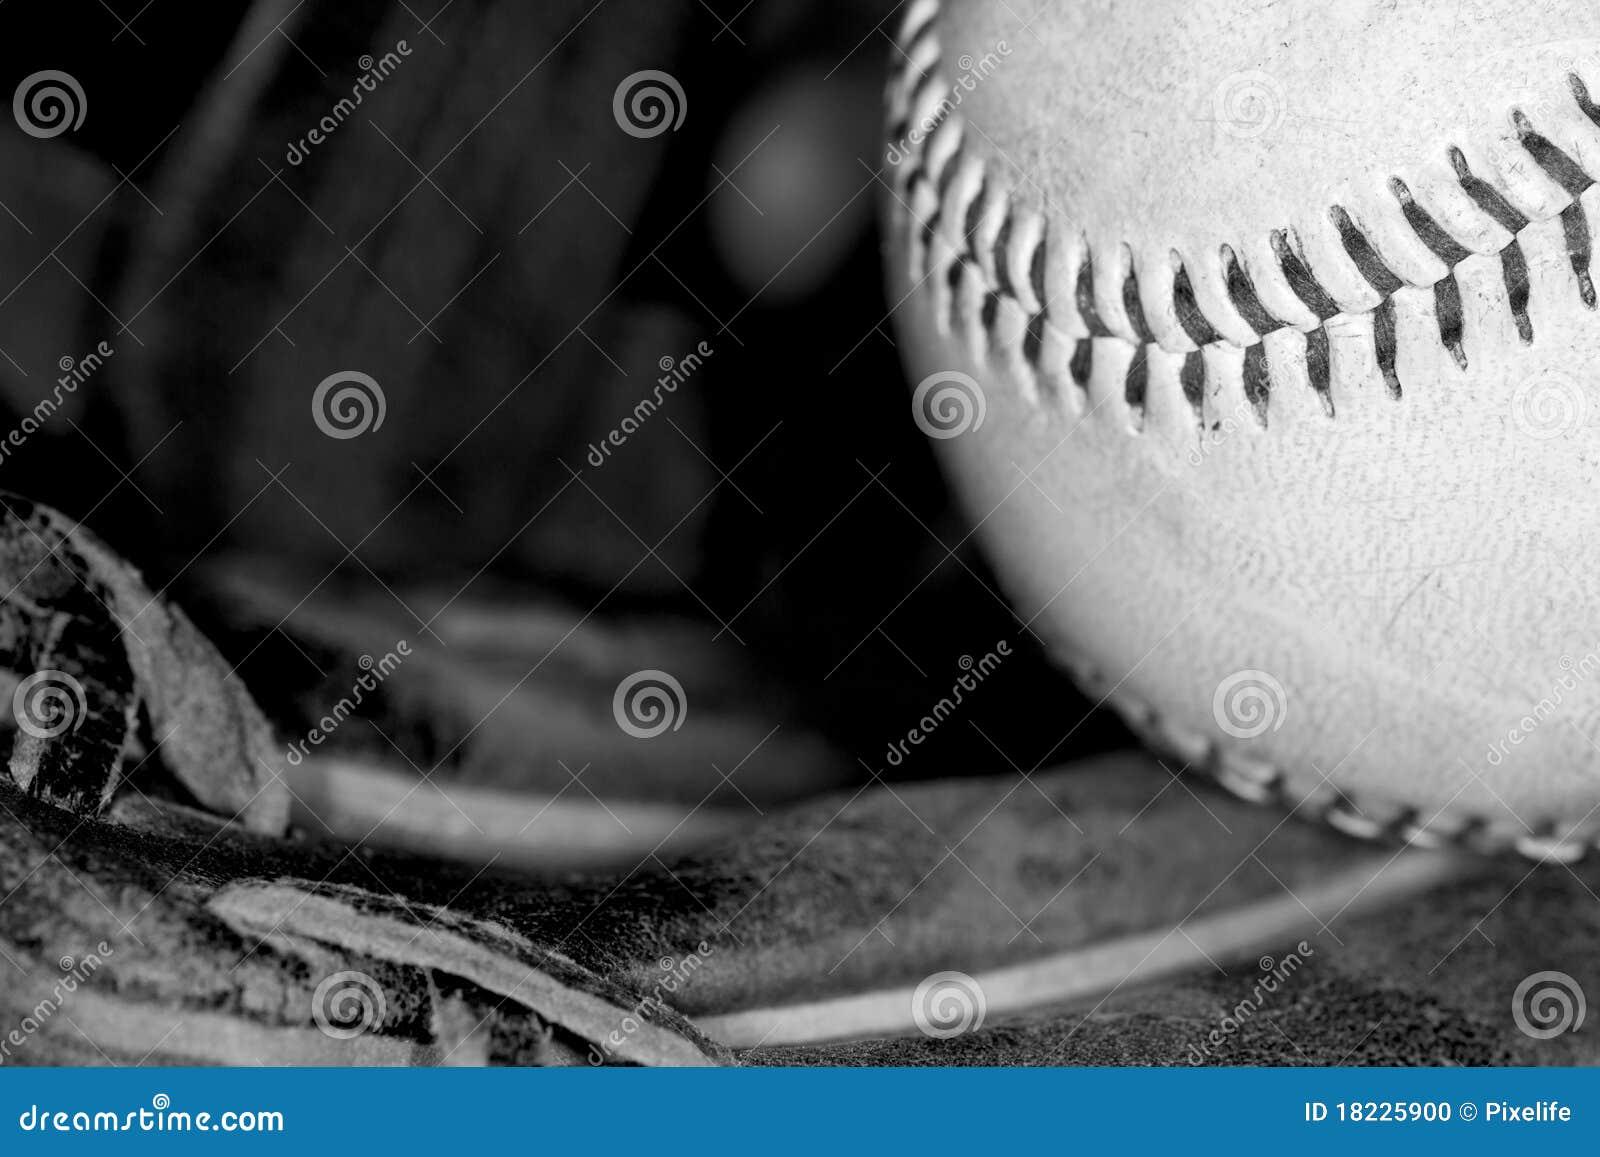 Béisbol en blanco y negro foto de archivo. Imagen de cordón - 18225900 ab5094e5b34bd